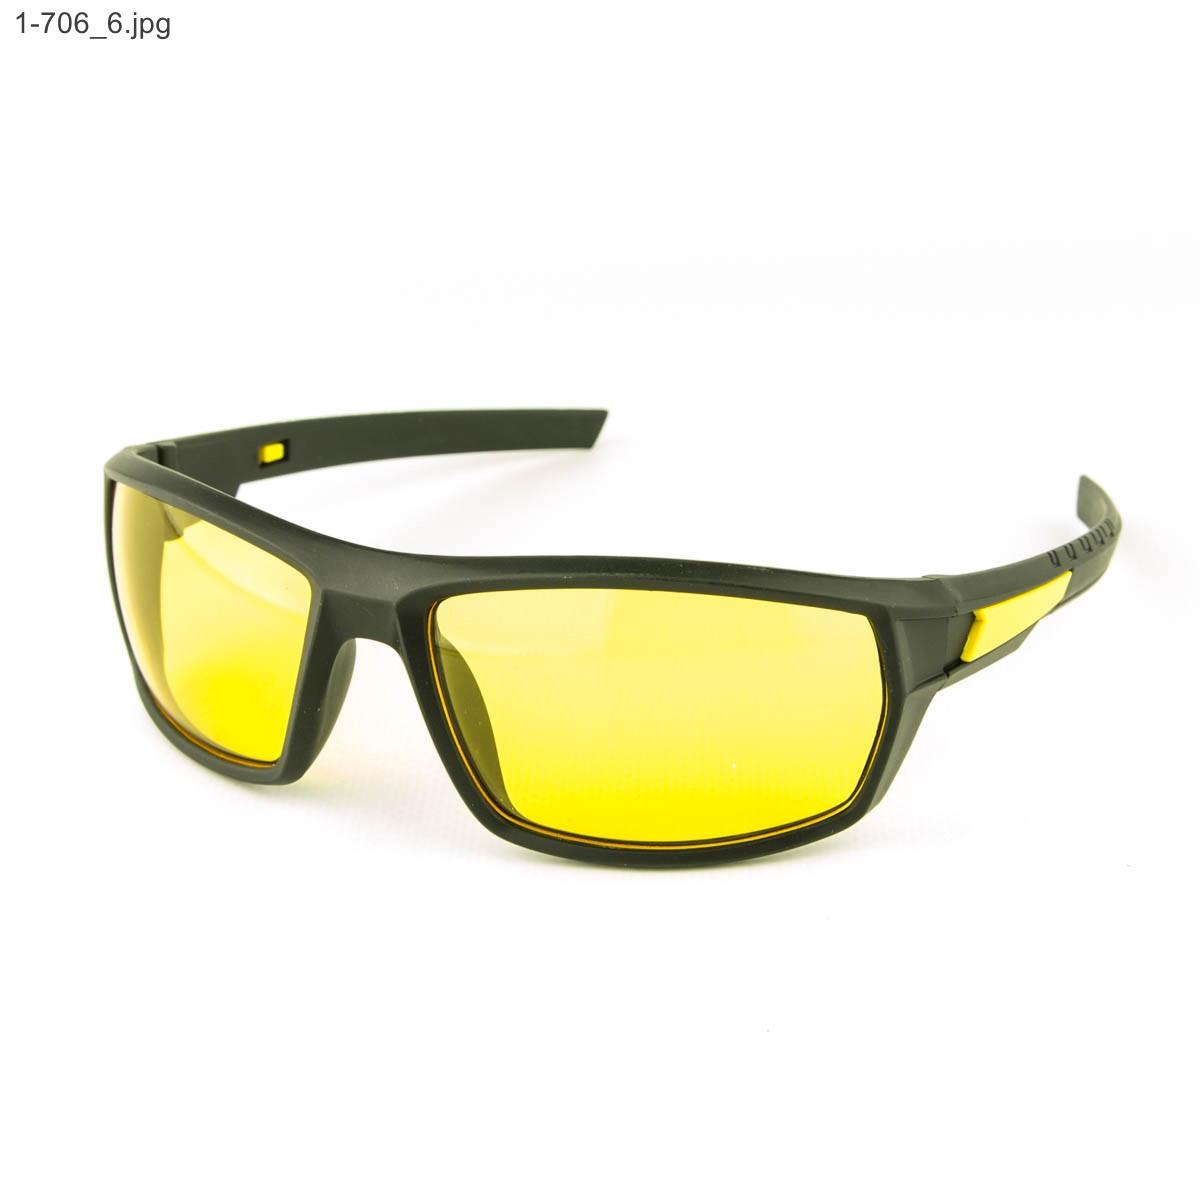 Мужские спортивные очки черные с желтой линзой - 1-706, фото 1